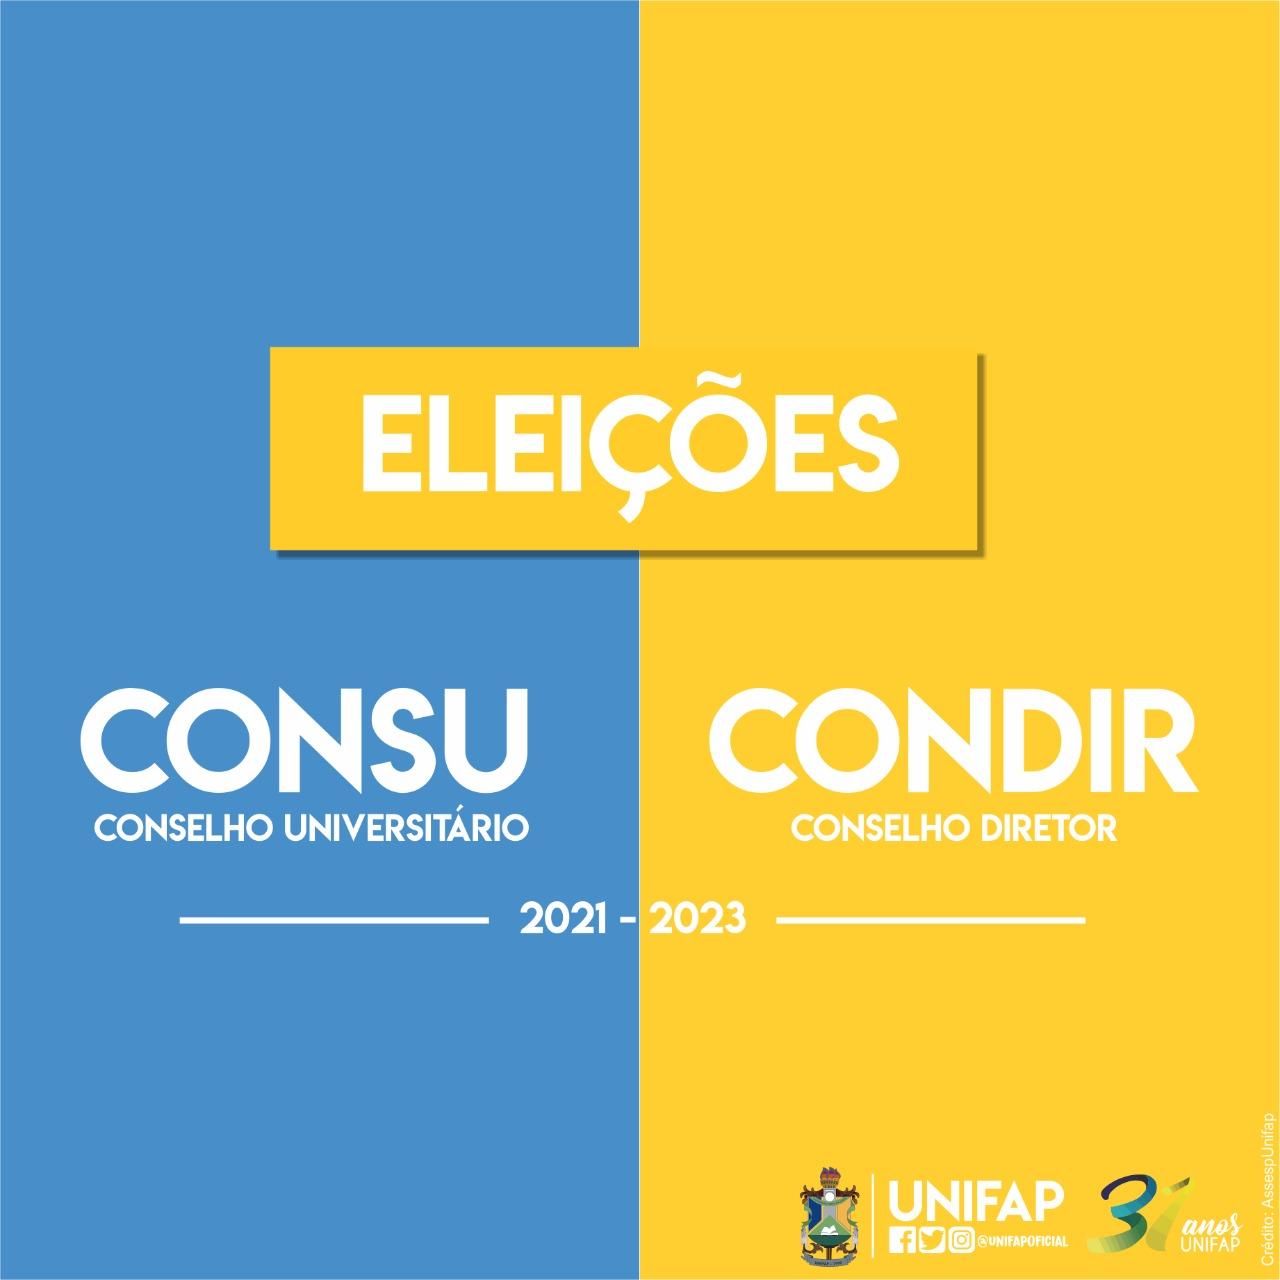 CONSU e CONDIR terão eleições para nova composição, período 2021-2023